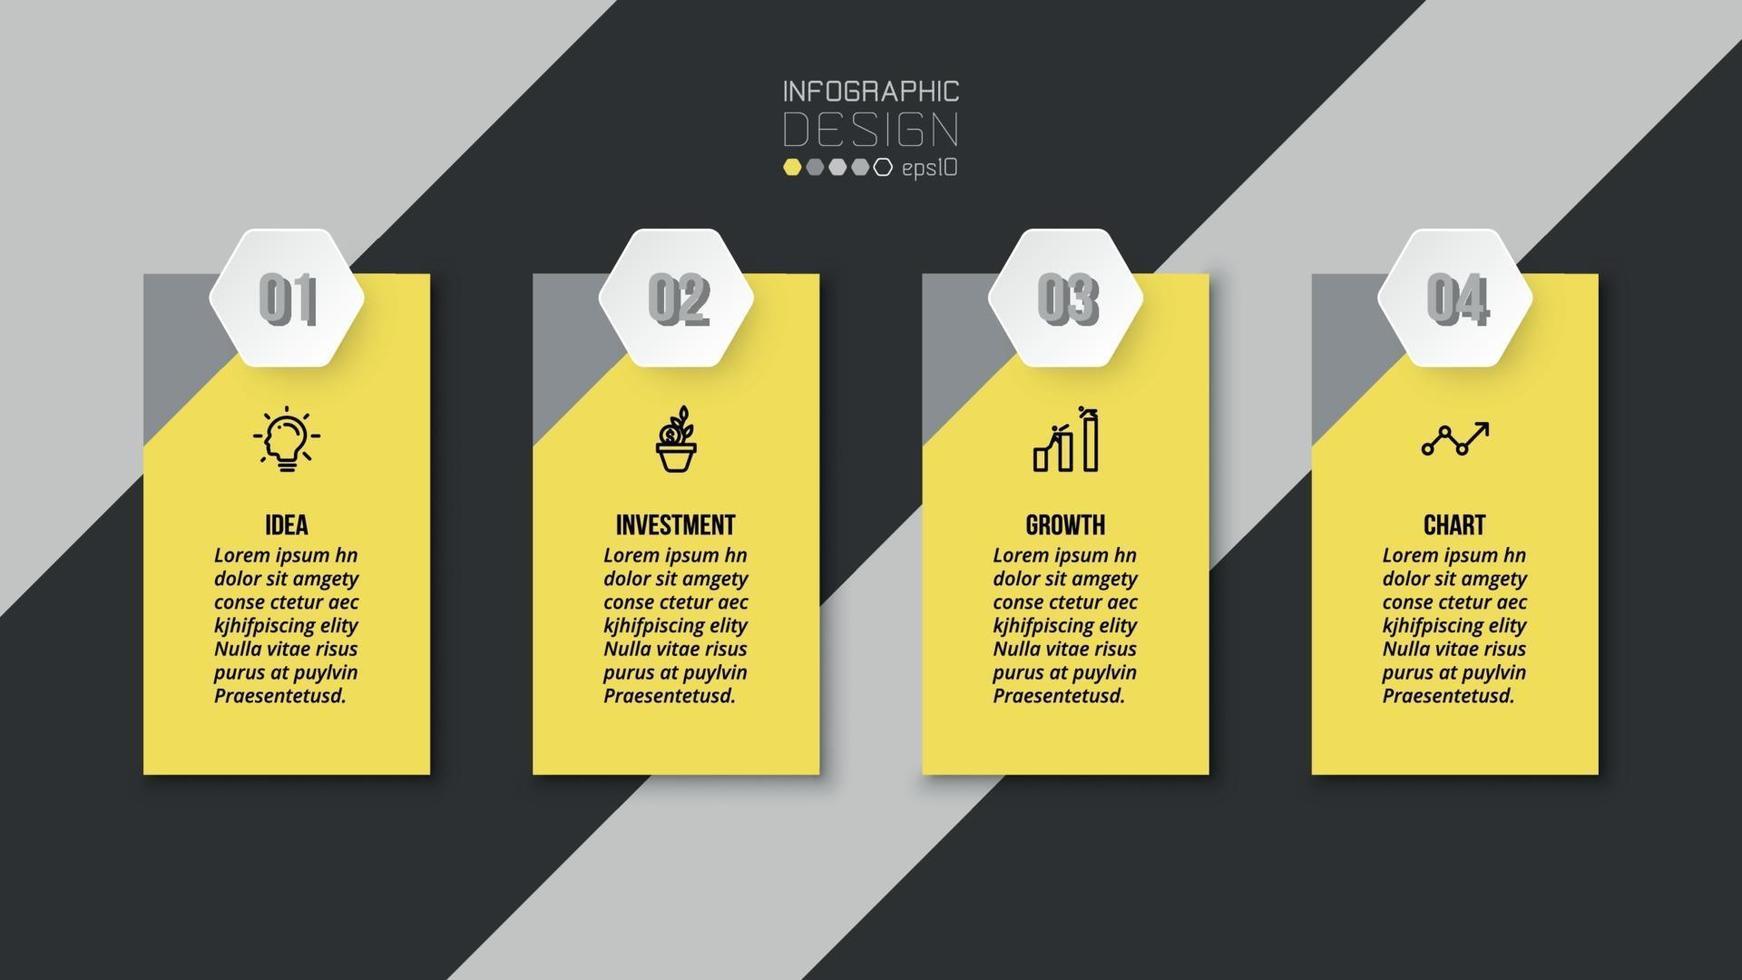 modelo de infográfico de negócios ou marketing com etapa. vetor